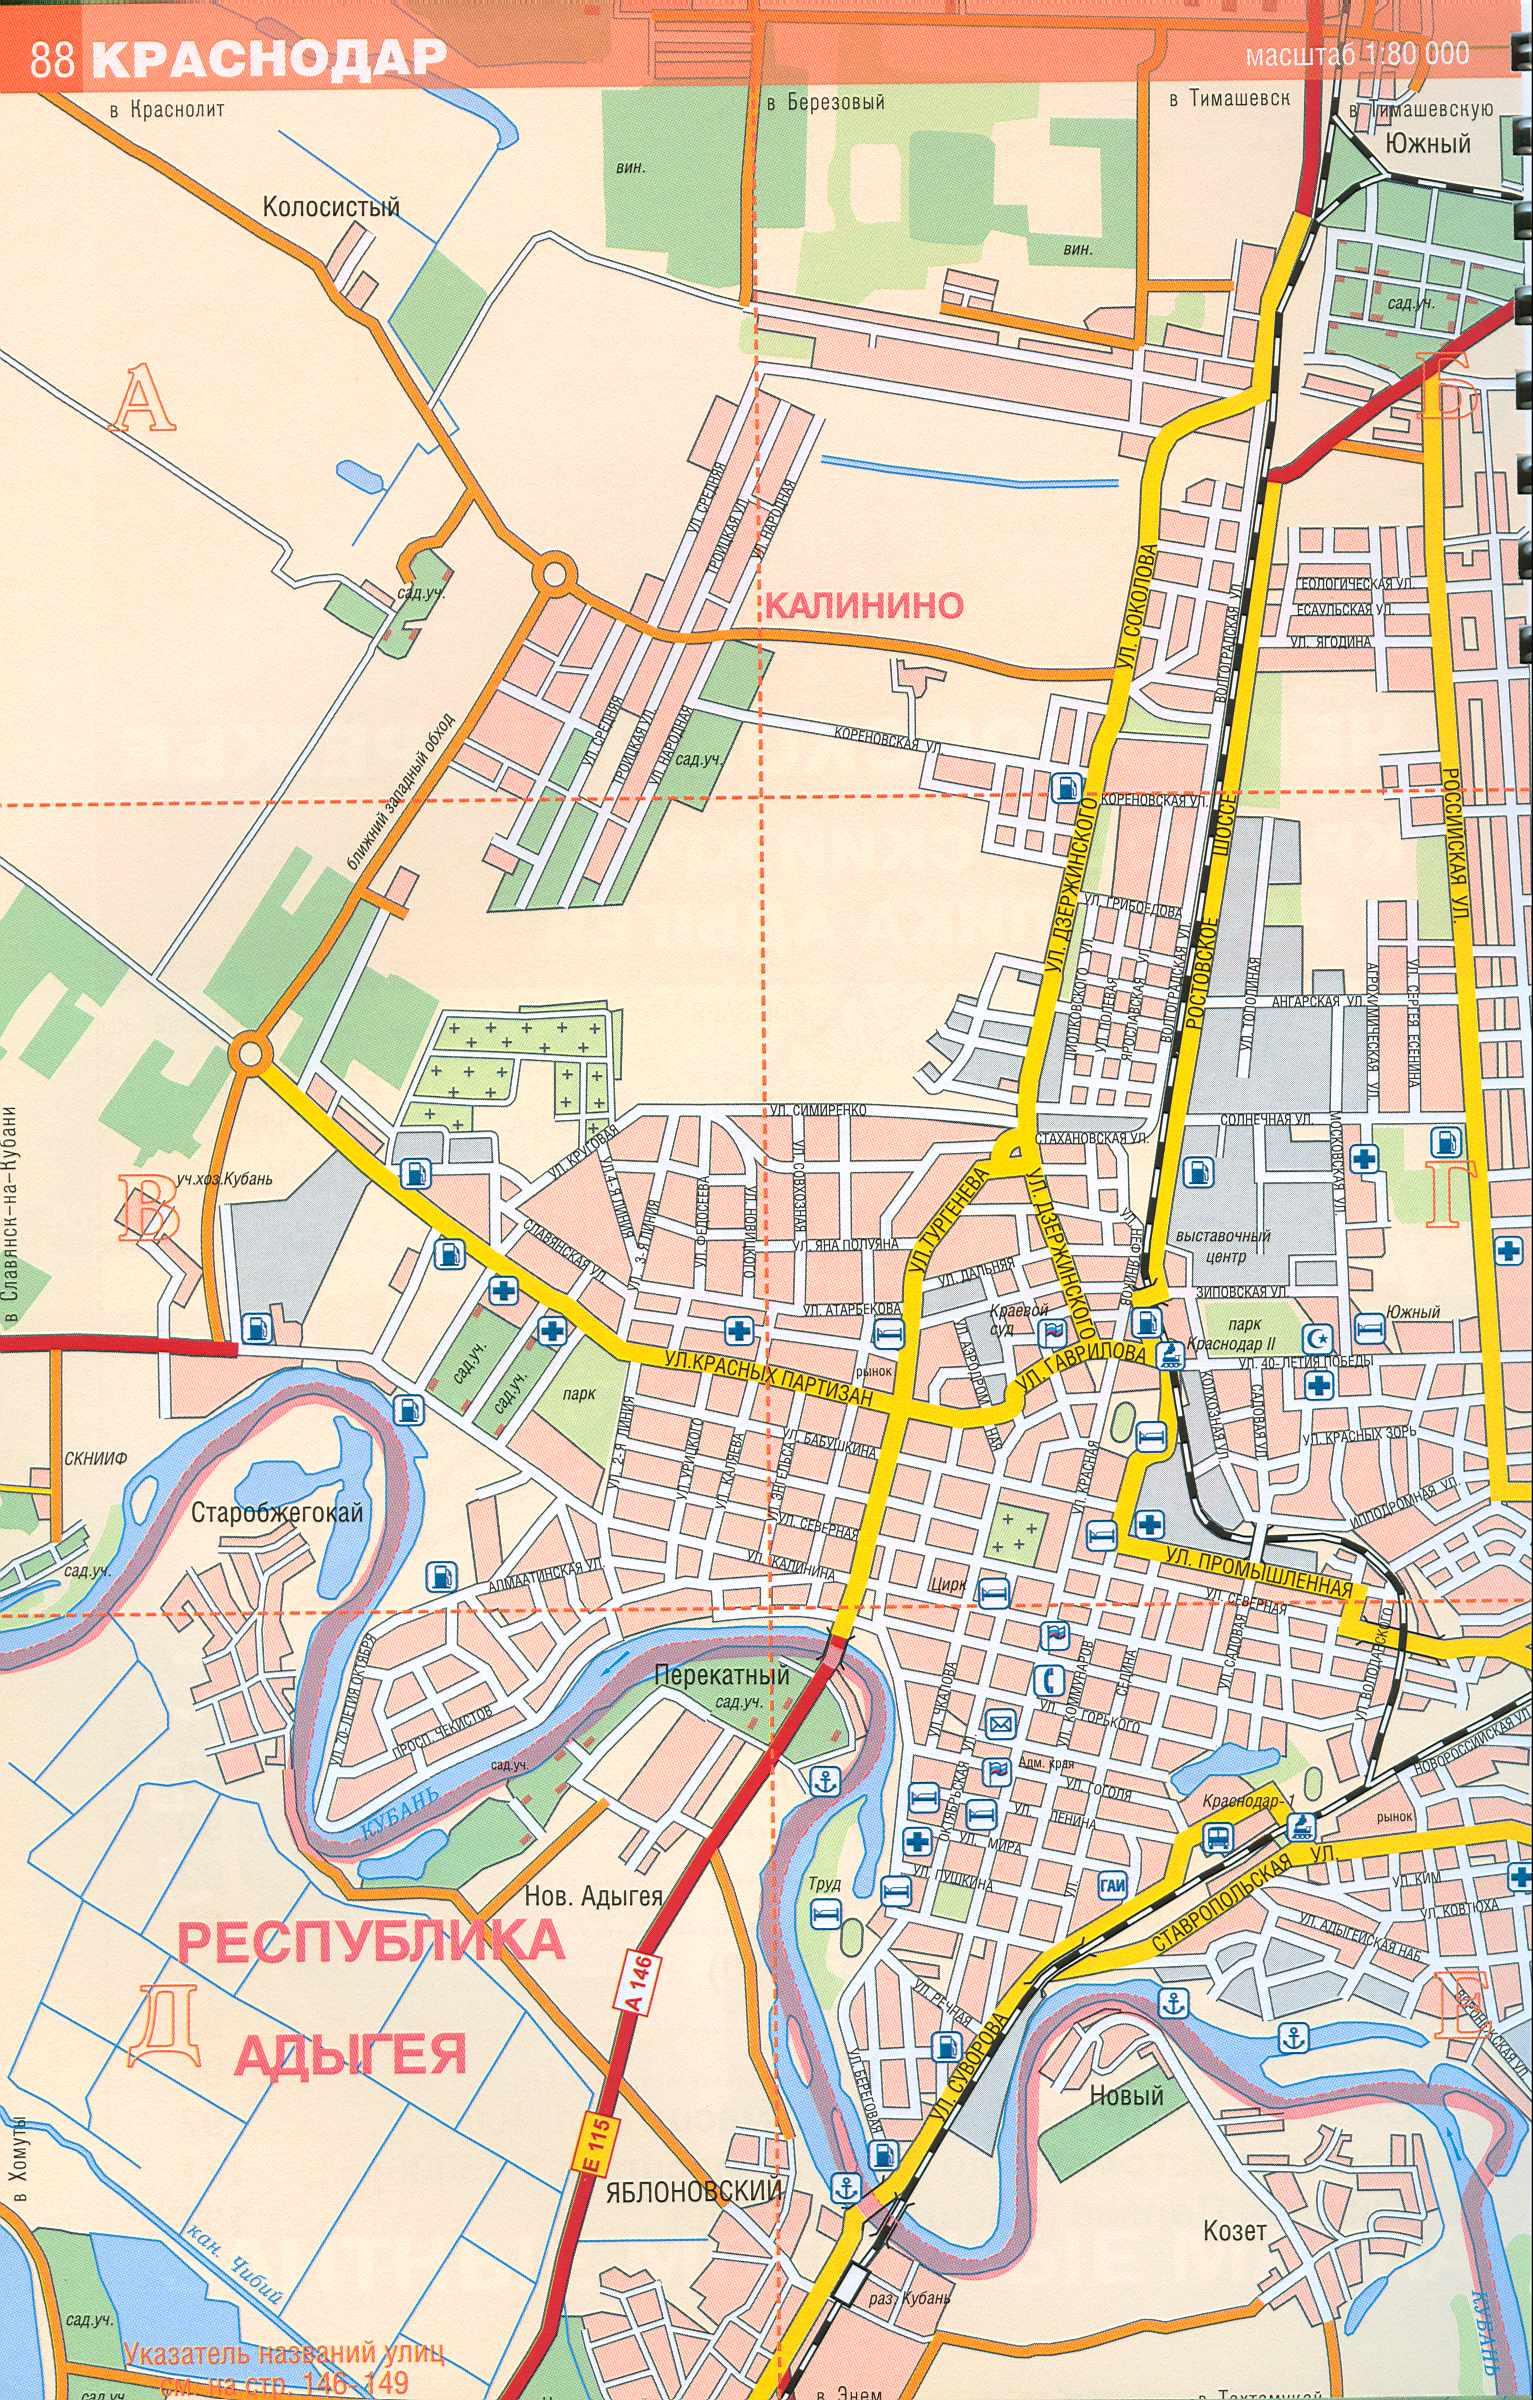 Подробная карта г.Краснодар масштаба 1см:800м с названиями улиц, автозаправками, гостиницами.